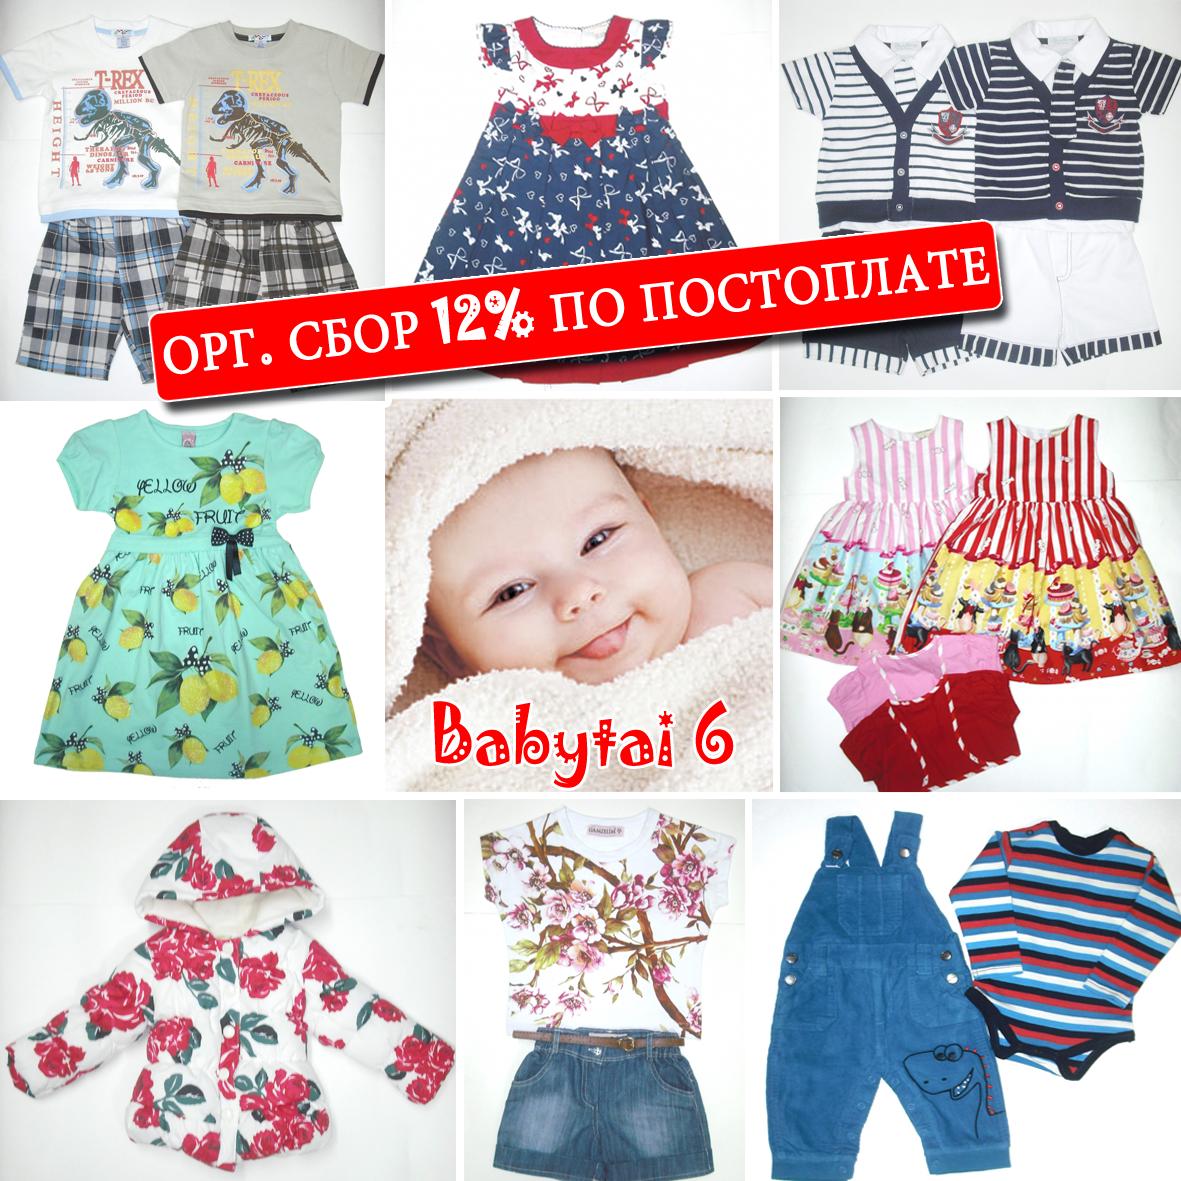 Сбор заказов. Babytai - большой выбор детской одежды от 0 и старше. Утепленные костюмы для малышей. Орг. сбор 12% по постоплате. Распродажа: все по 200, 300, 400 рублей. Выкуп 6/16